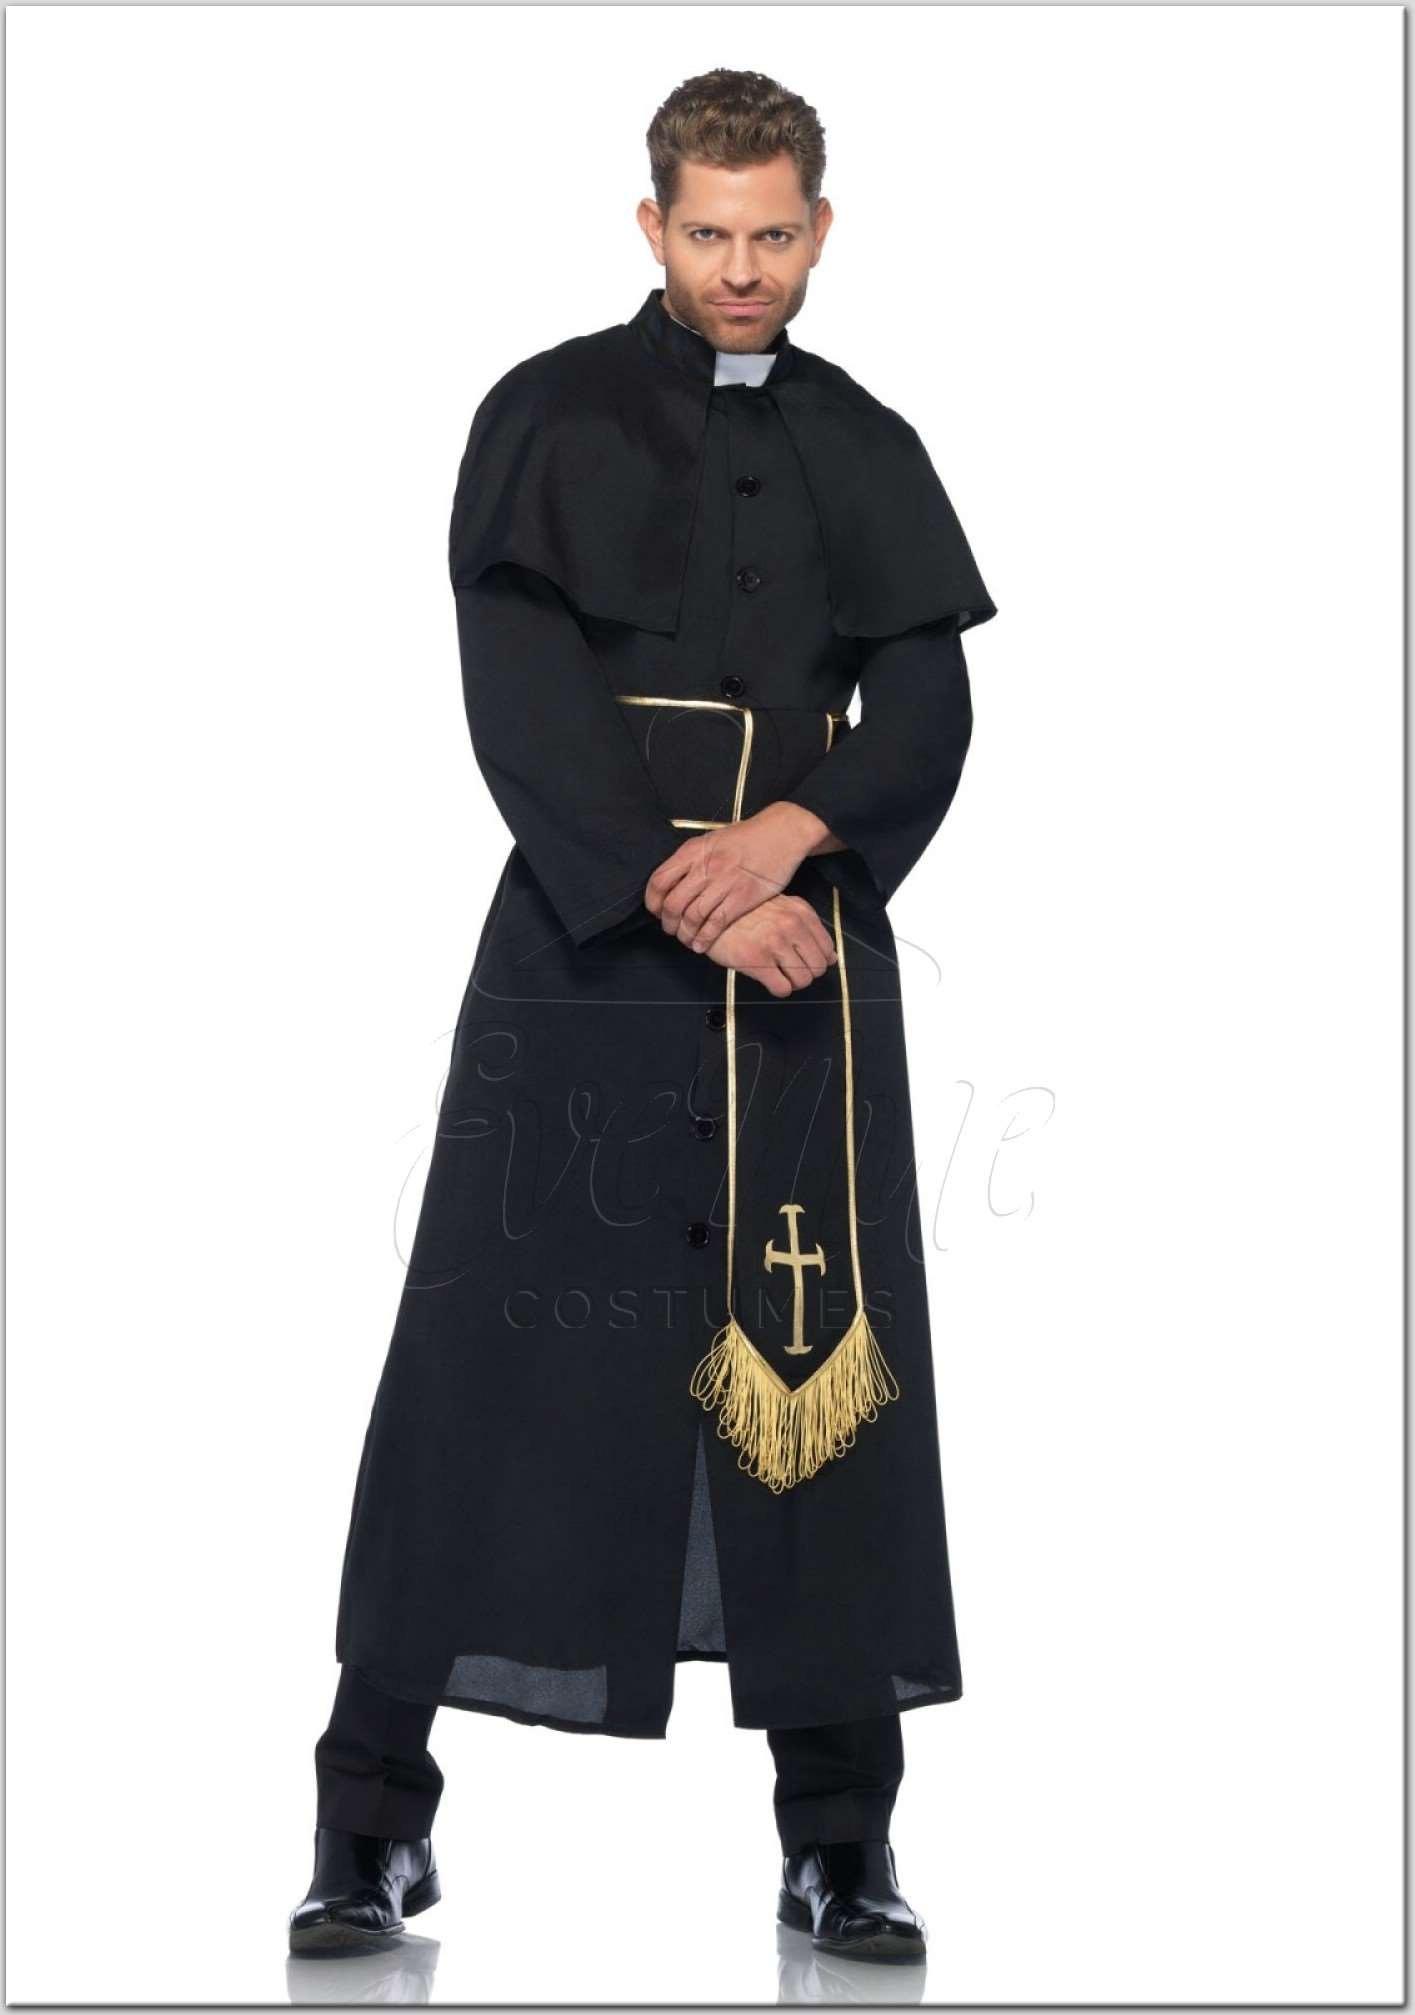 Pap férfi jelmez az EveNue Costumes jelmezkölcsönző szalon jóvoltából